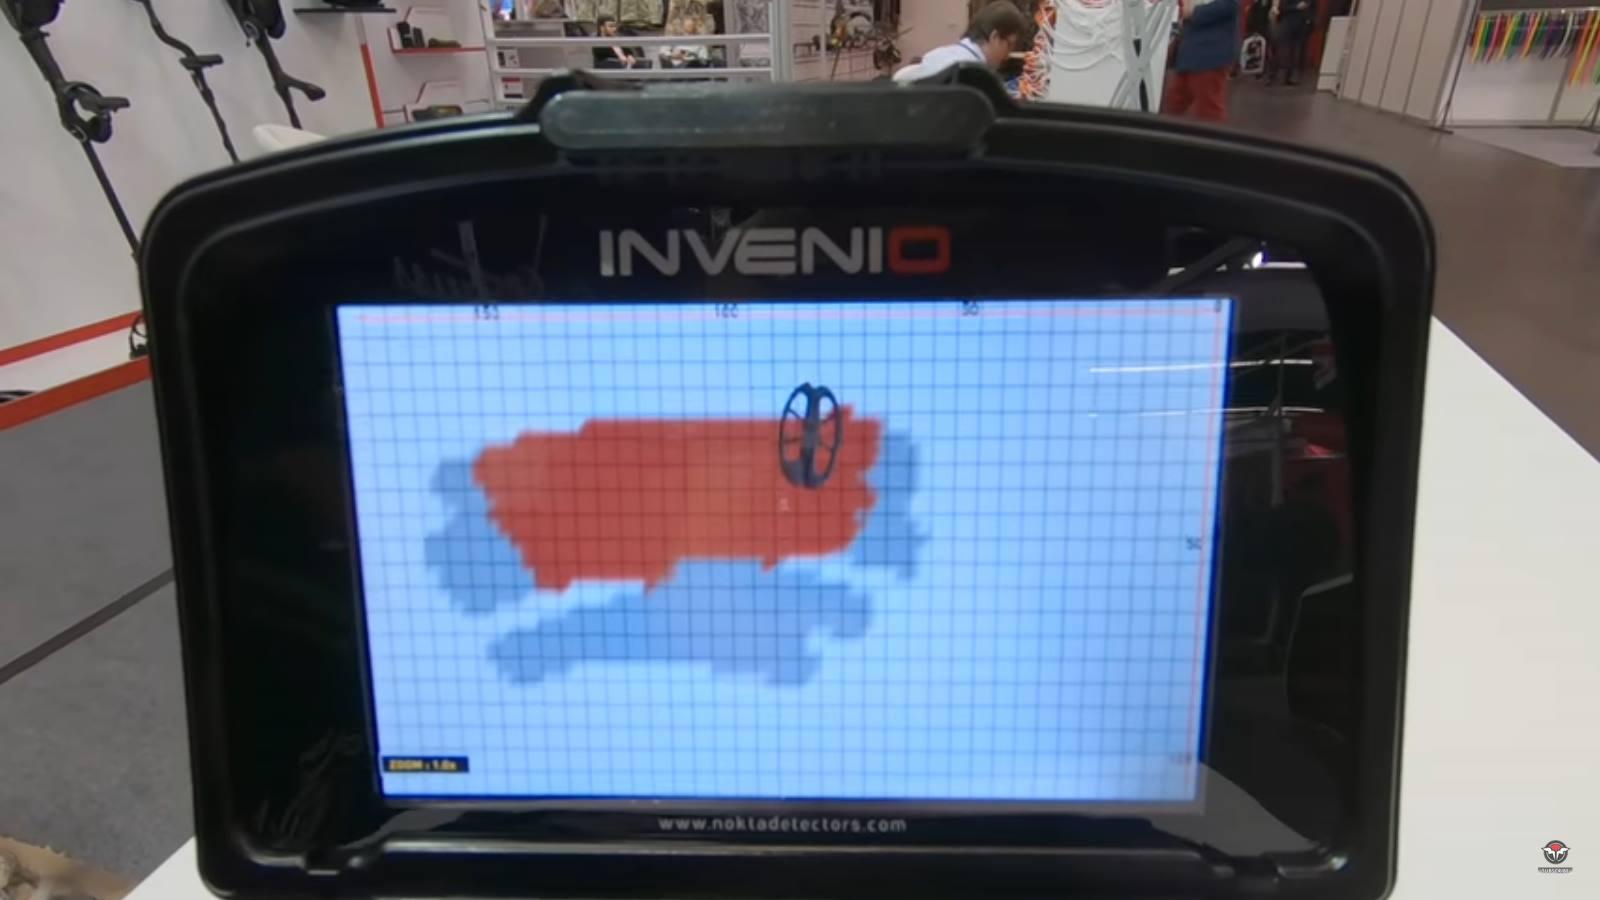 invenio-paraguay